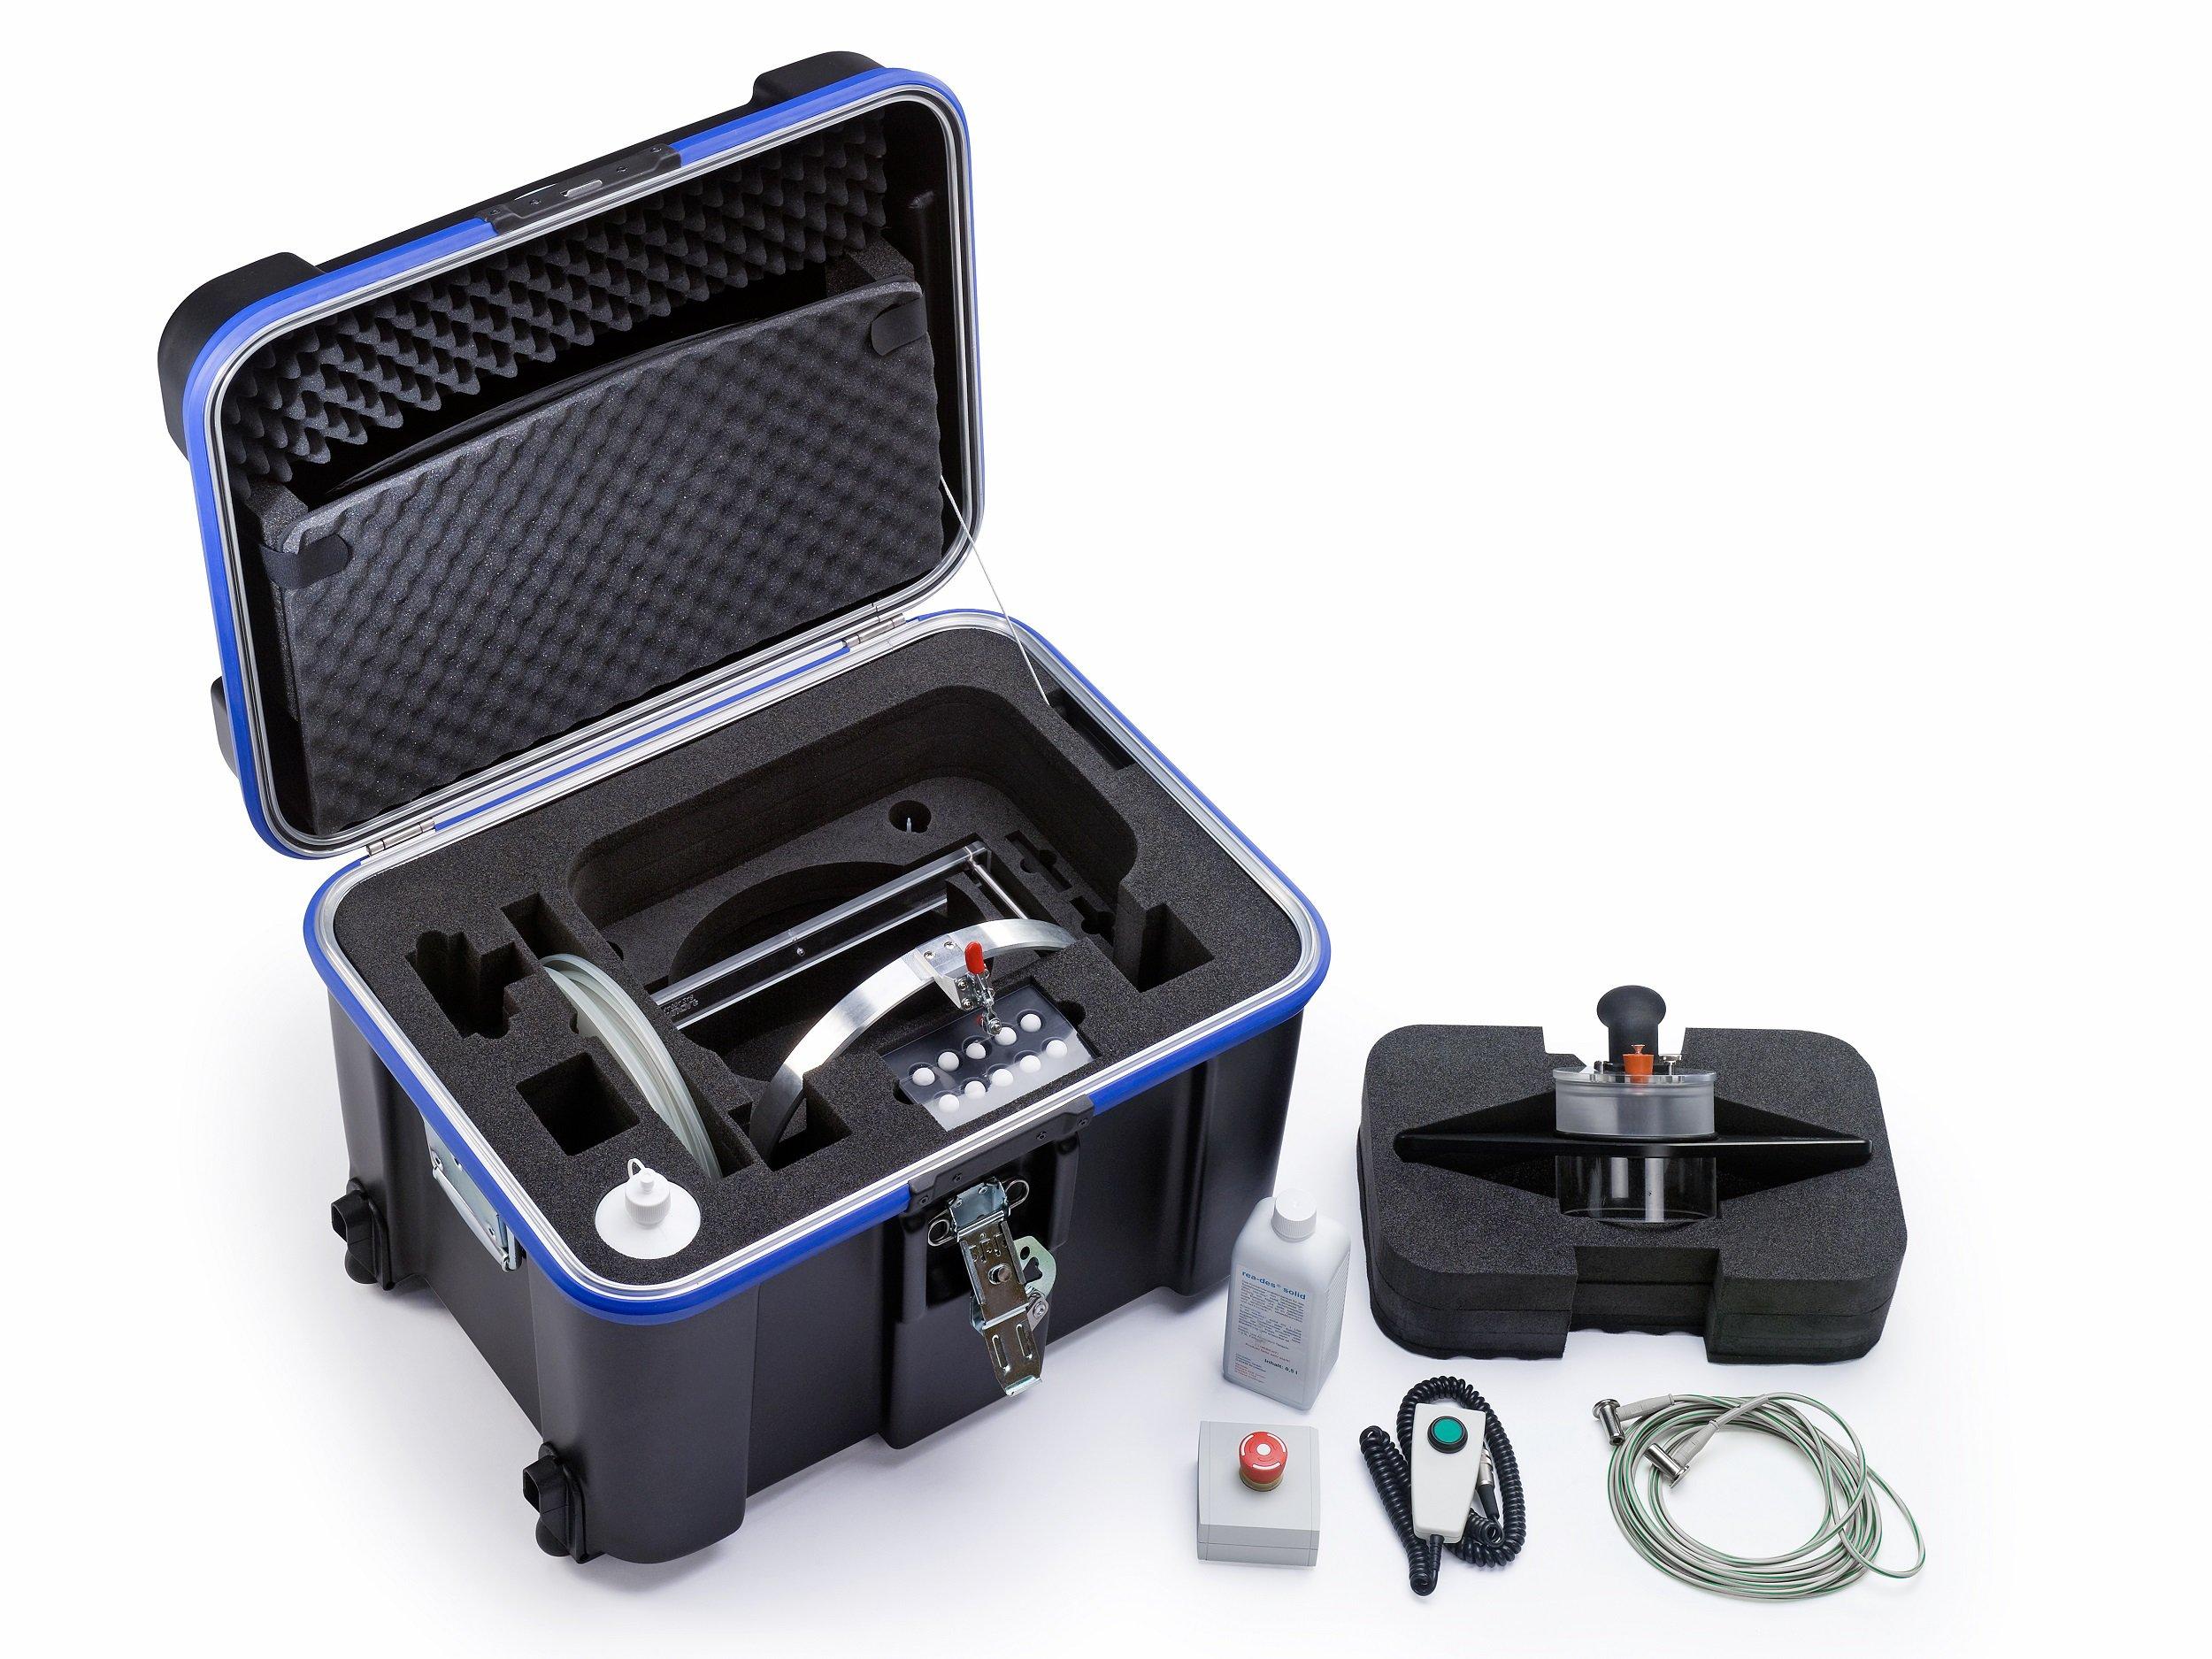 Kofferlösung für optische Geräte